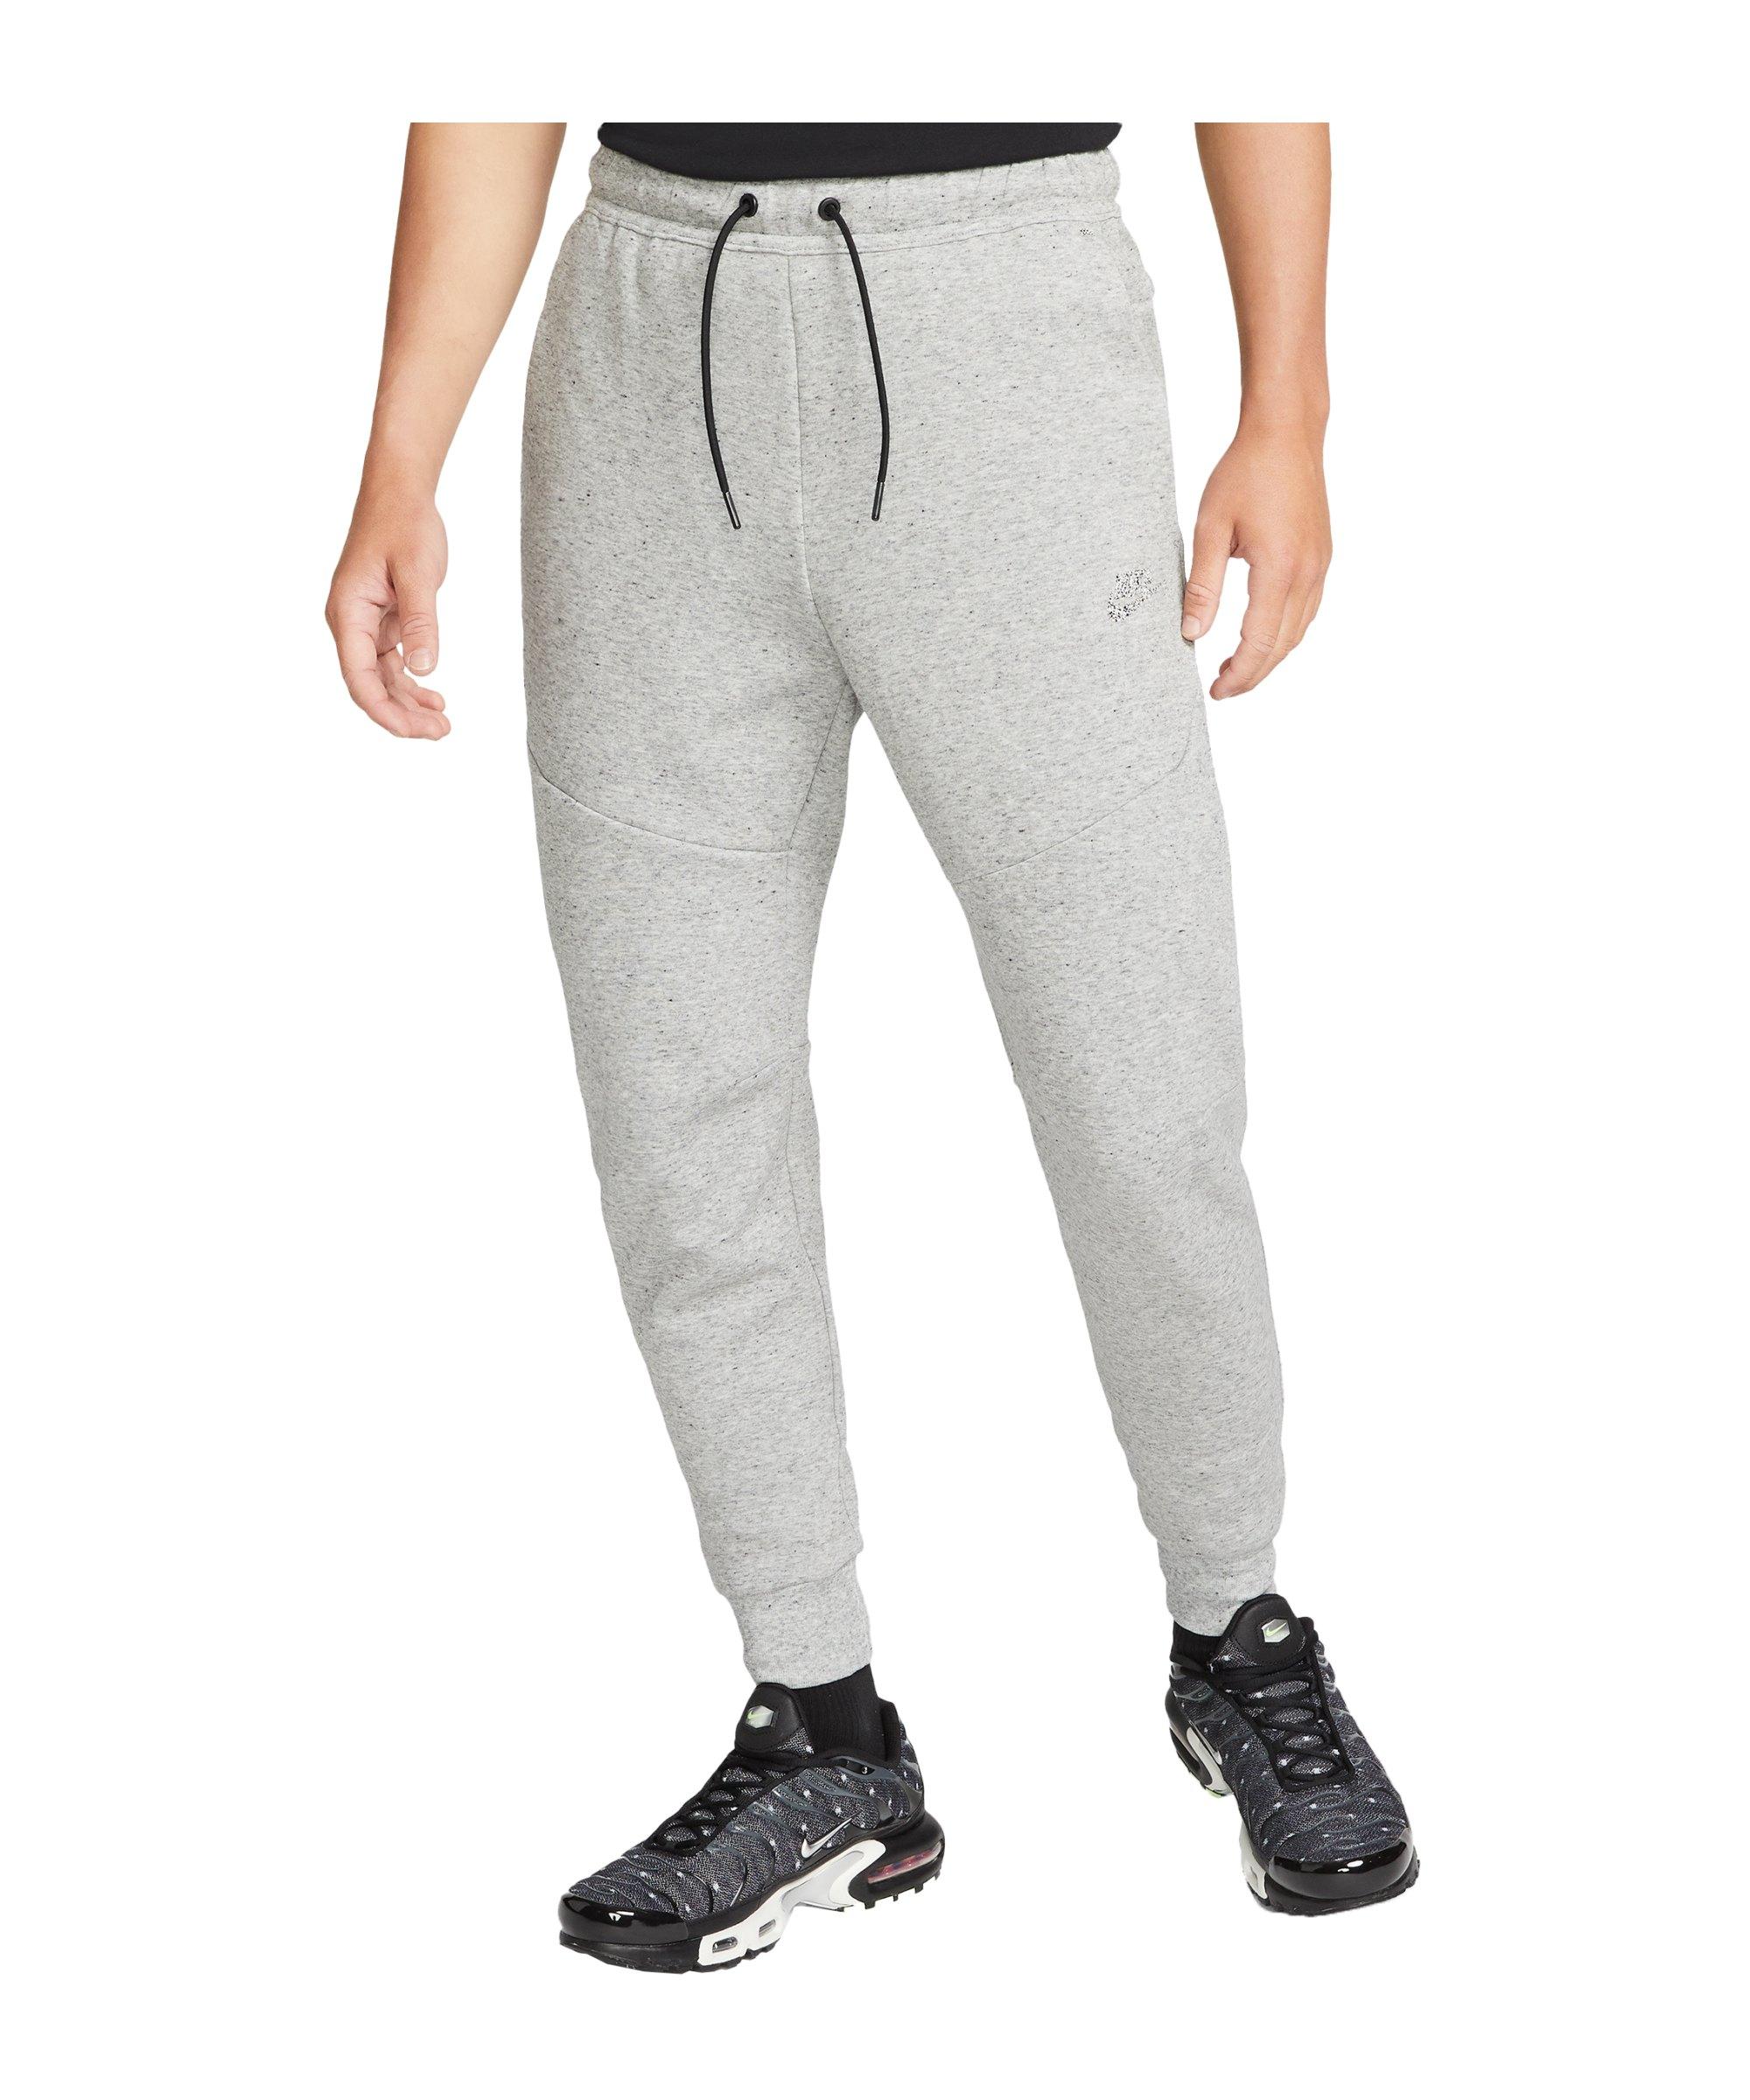 Nike Tech Fleece Jogginghose Grau Schwarz F010 - grau